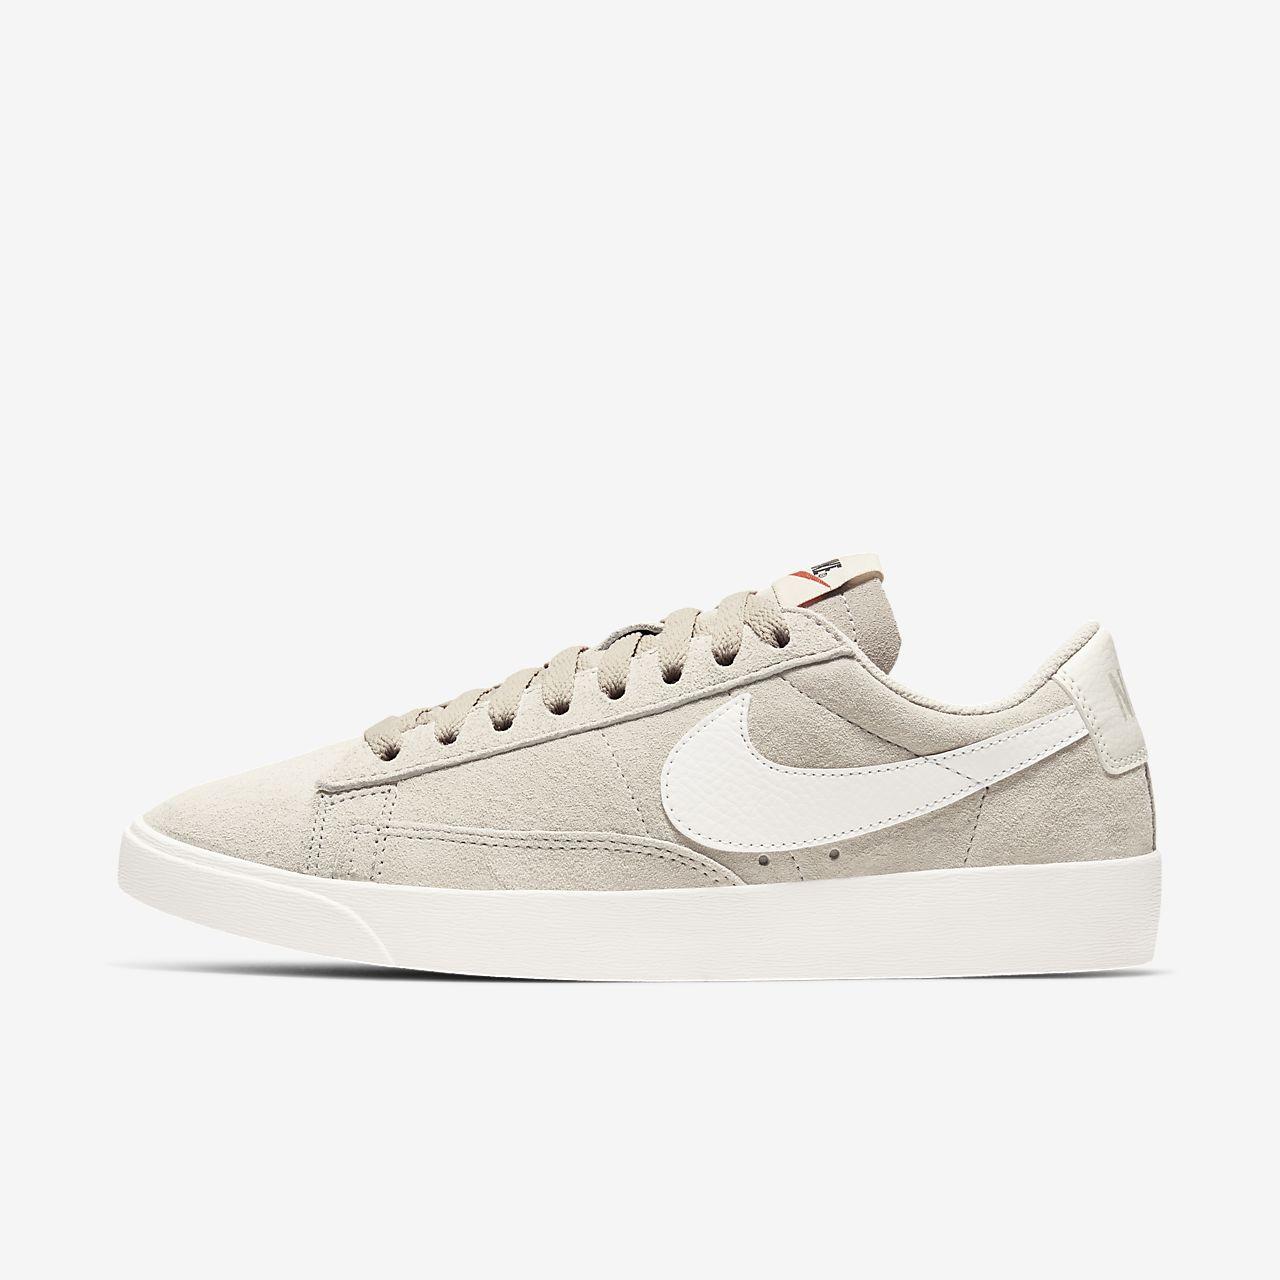 c6fcb7adc9e7 Nike Blazer Low Suede Women s Shoe. Nike.com